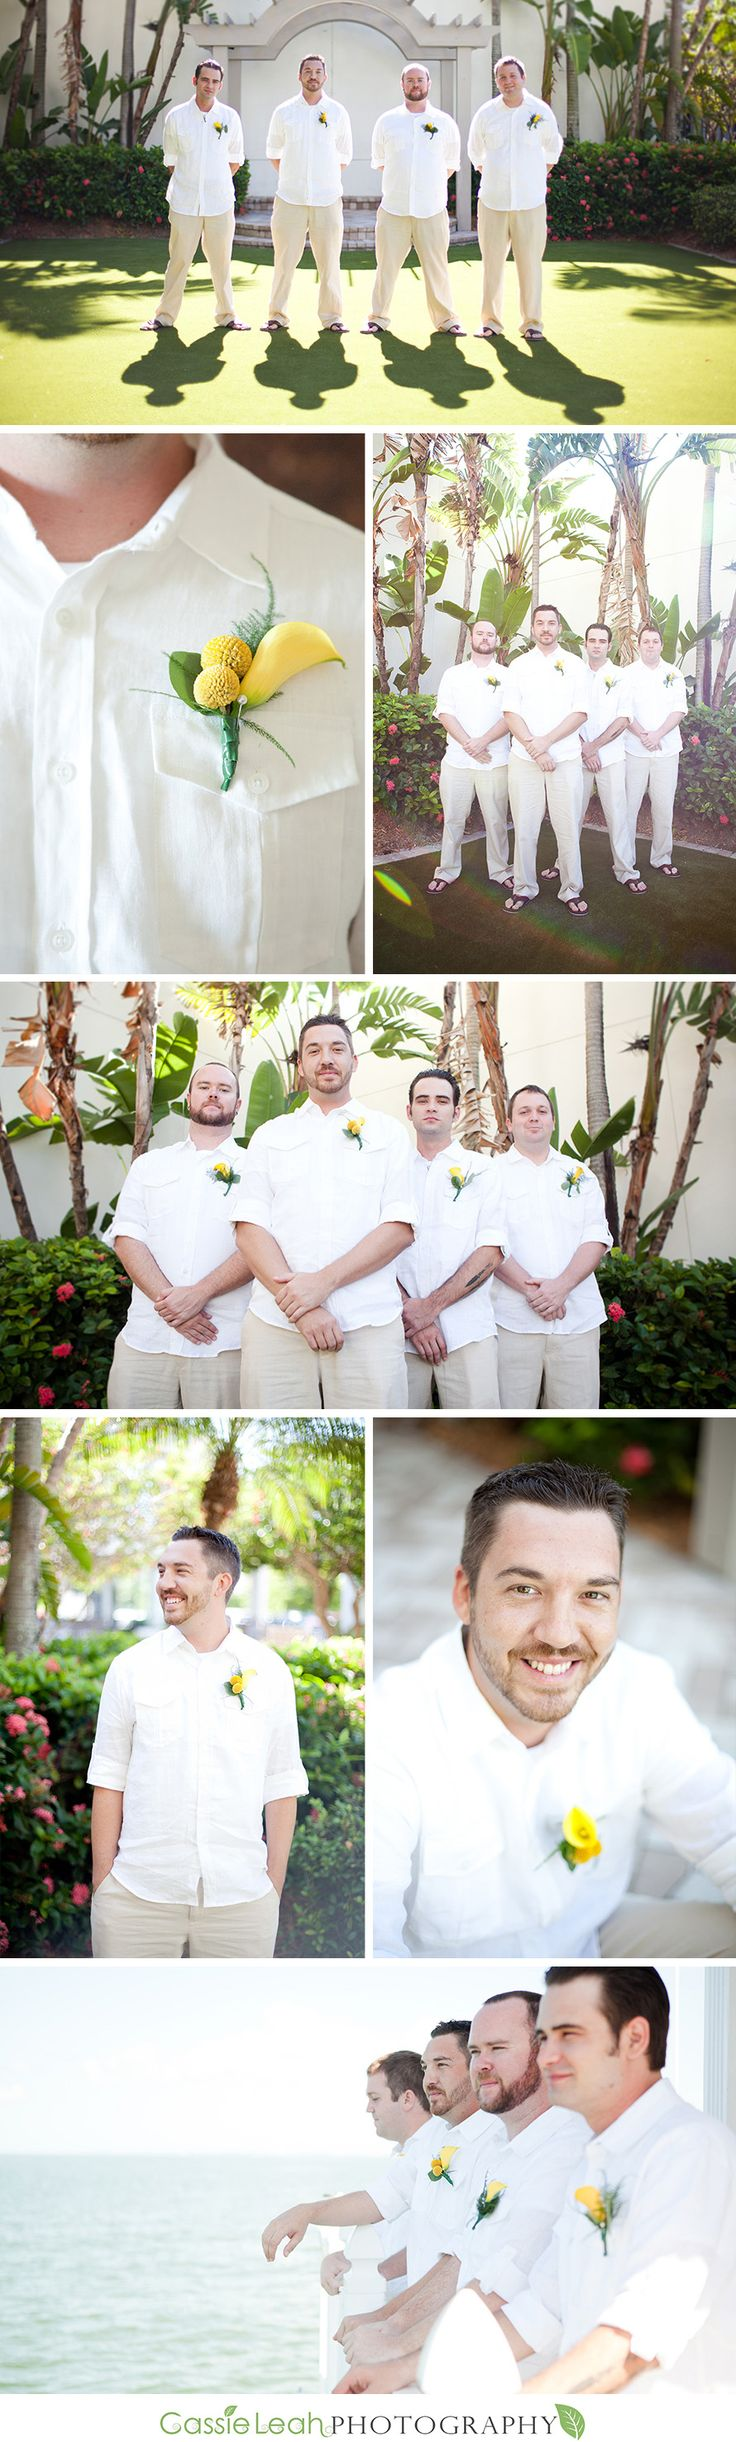 Best weddings images on pinterest groom and groomsmen groom and